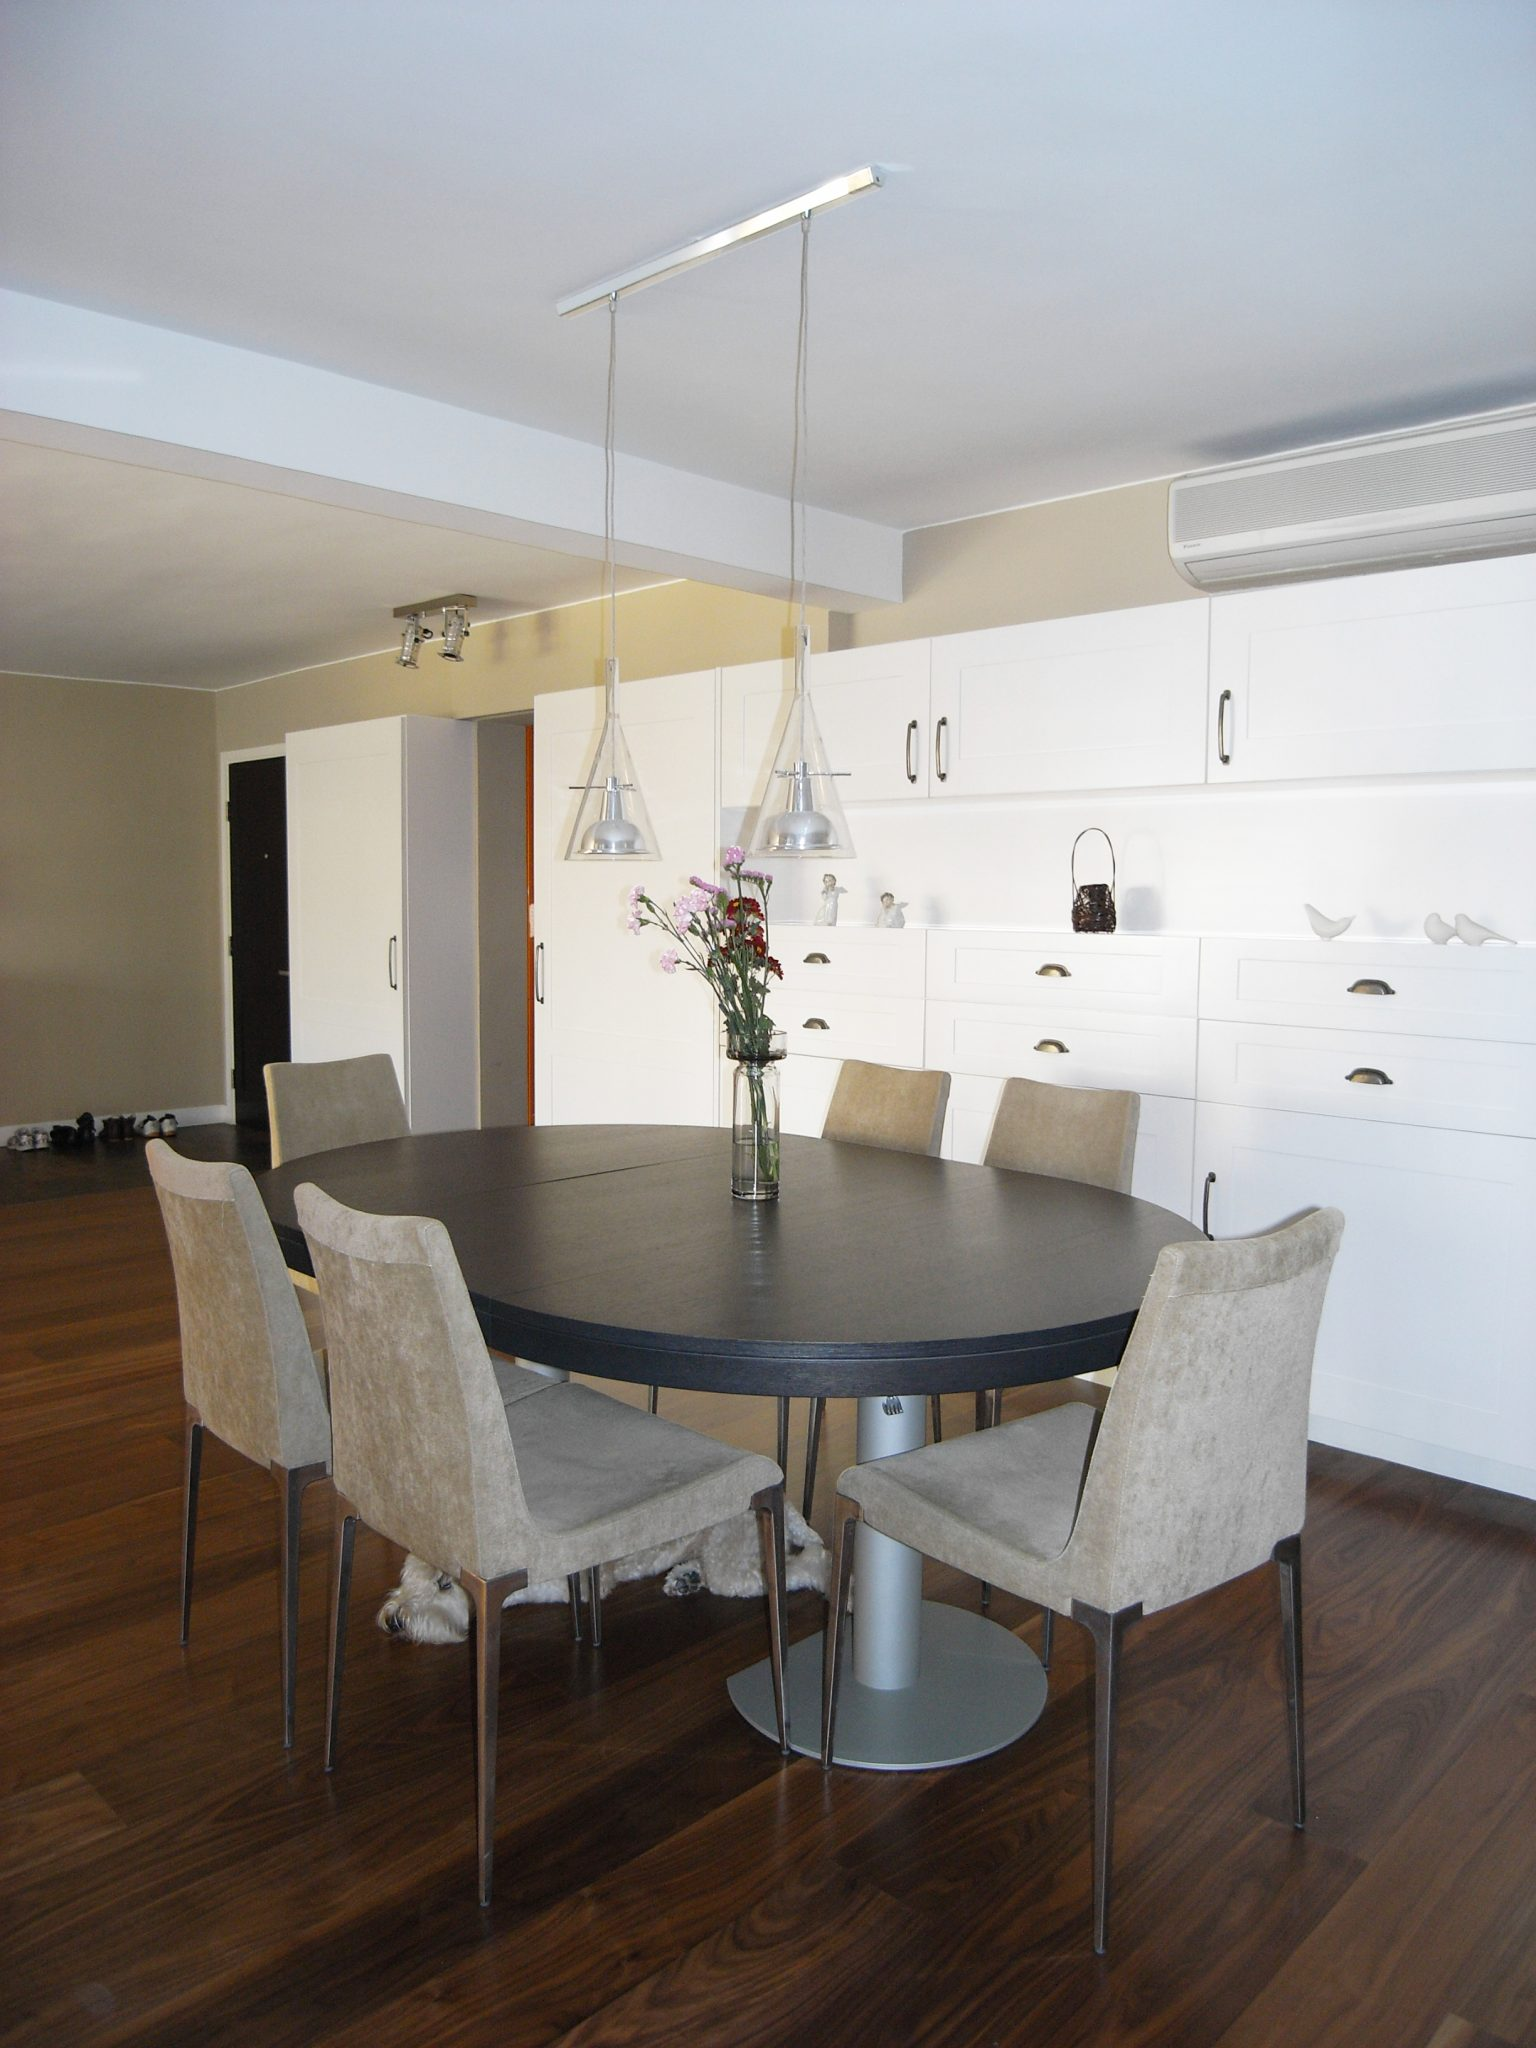 beverly villa a clifton leung design workshop. Black Bedroom Furniture Sets. Home Design Ideas